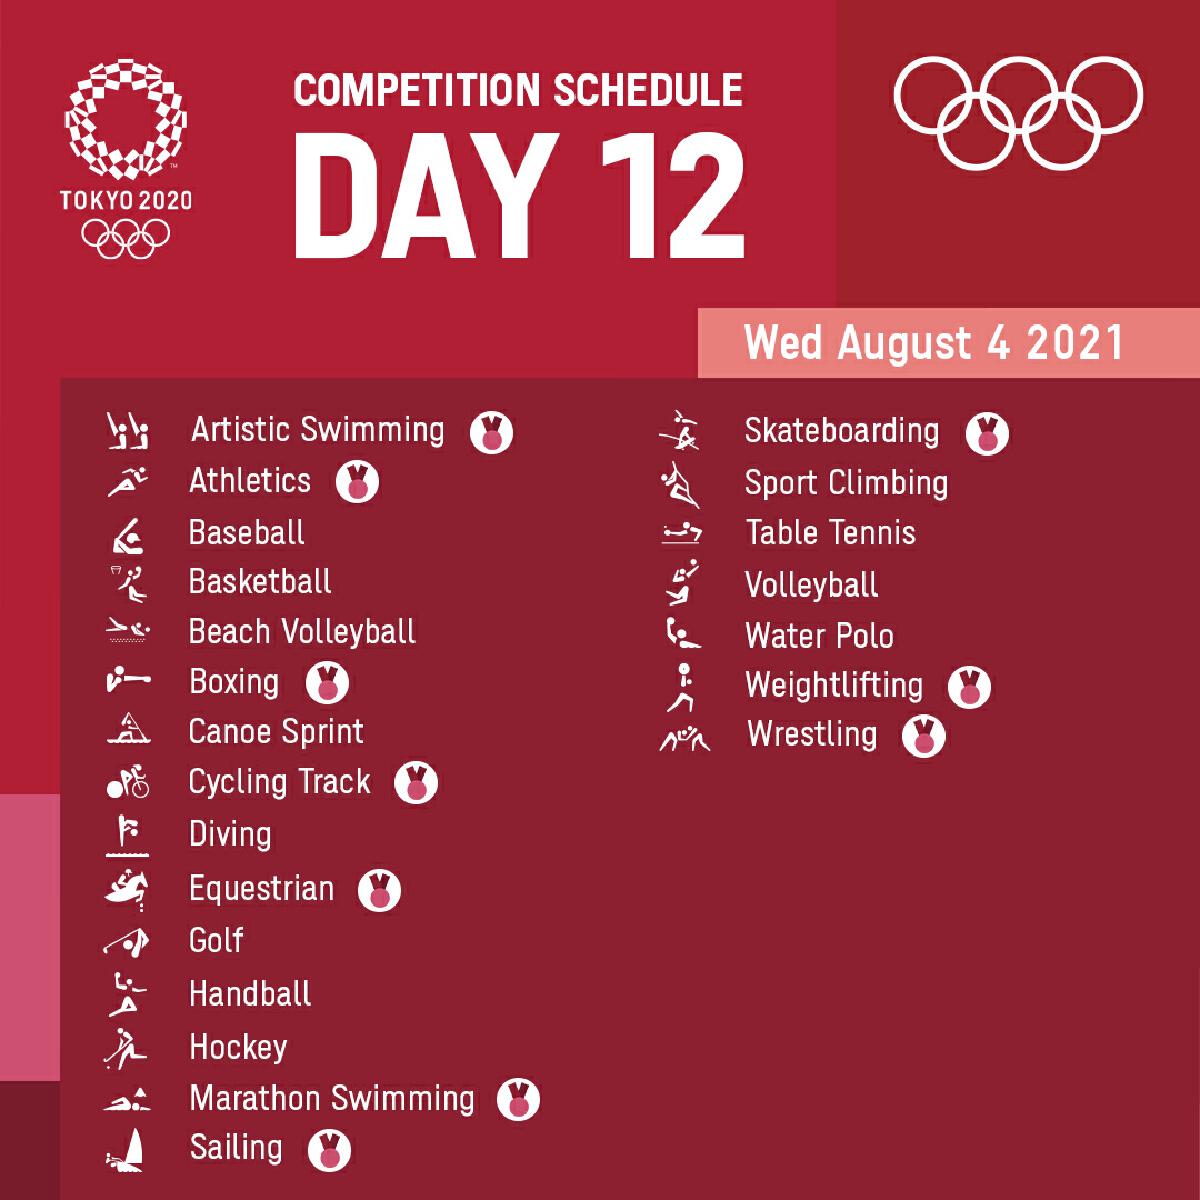 โปรแกรมถ่ายทอดสดโอลิมปิก 2020 ตารางการแข่งขัน 4 ส.ค. 64